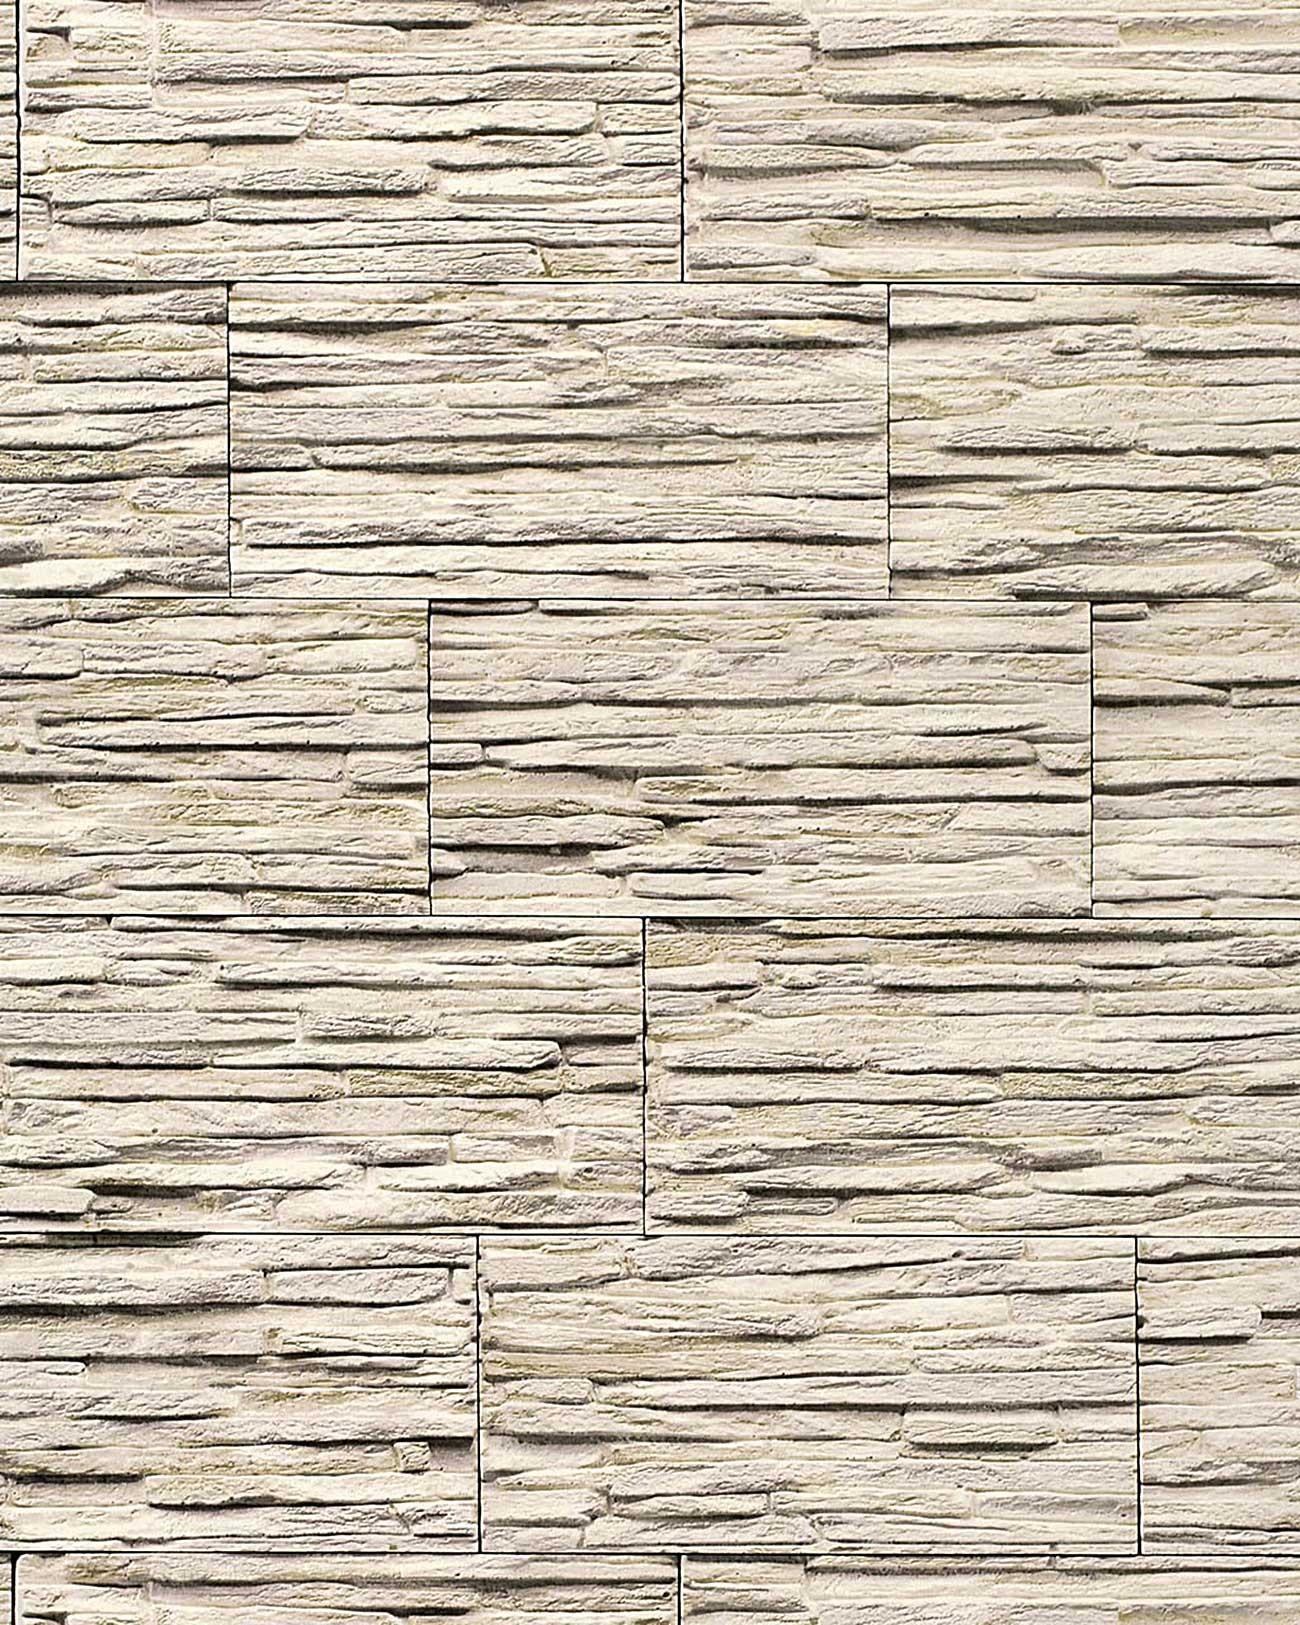 steintapete edem 1003 33 tapete naturstein bruch stein. Black Bedroom Furniture Sets. Home Design Ideas